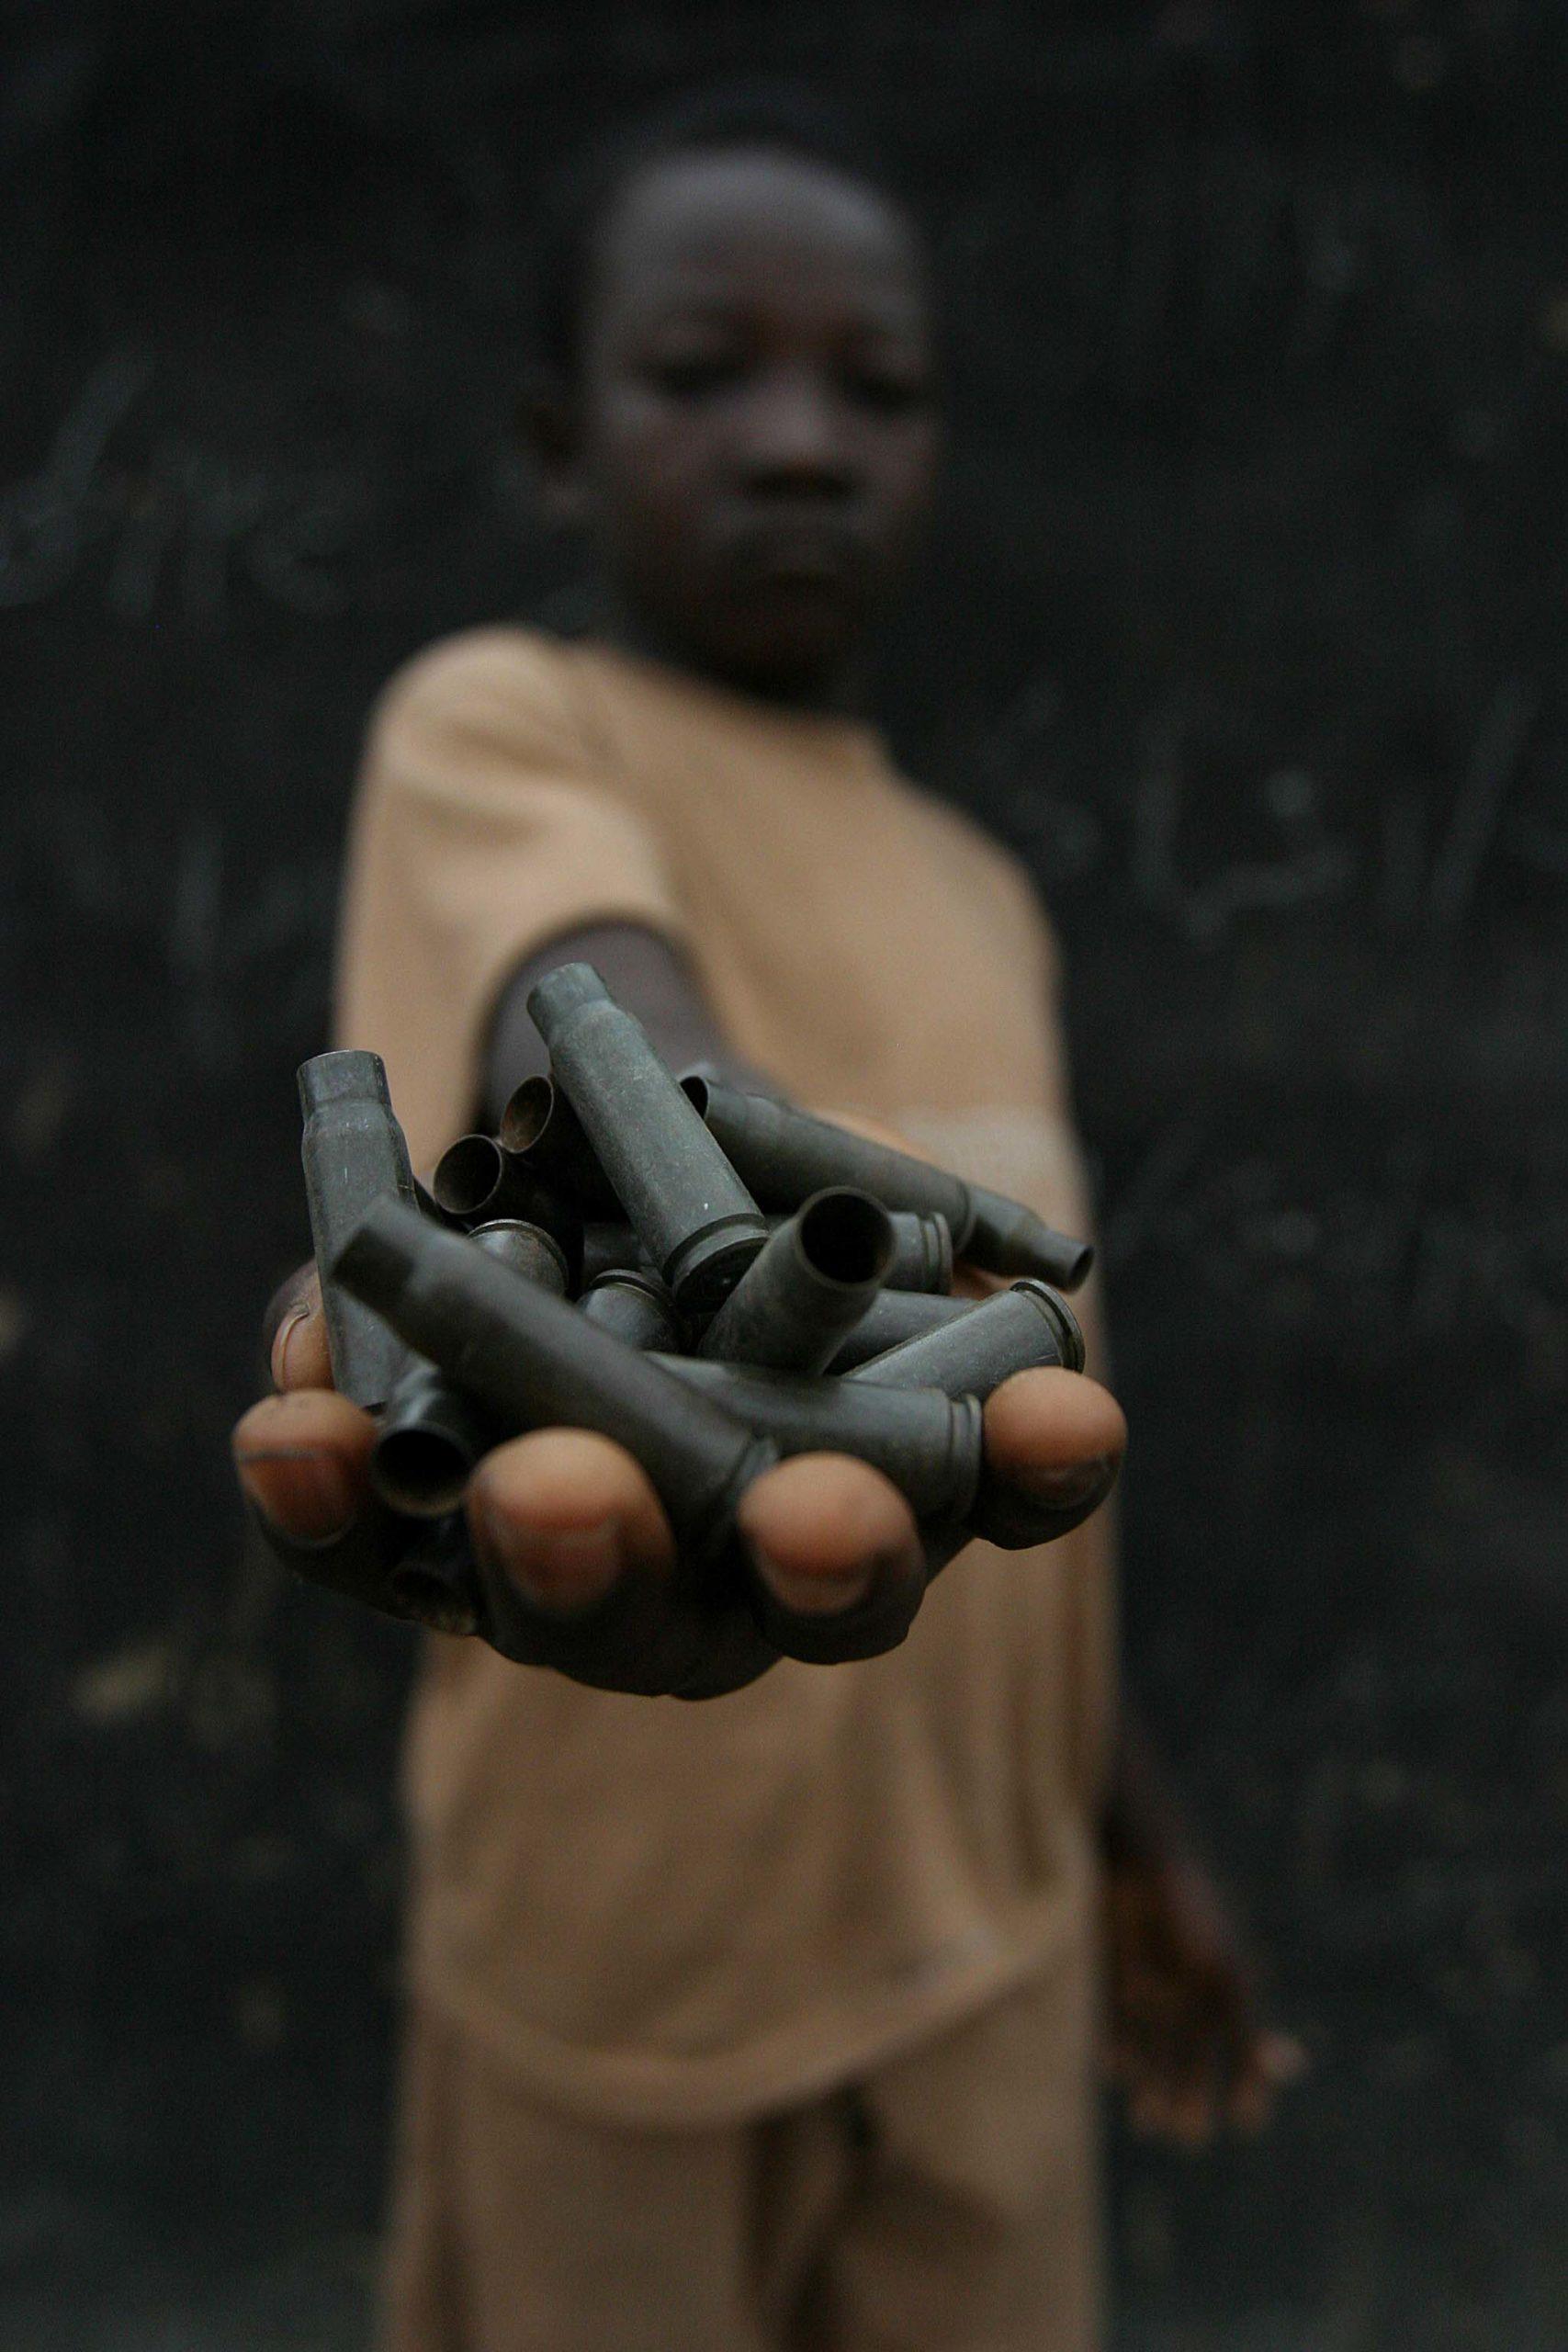 Un enfant dans un camp de rebelles dans le nord-est de la République Centrafricaine. © Pierre Holtz / UNICEF car